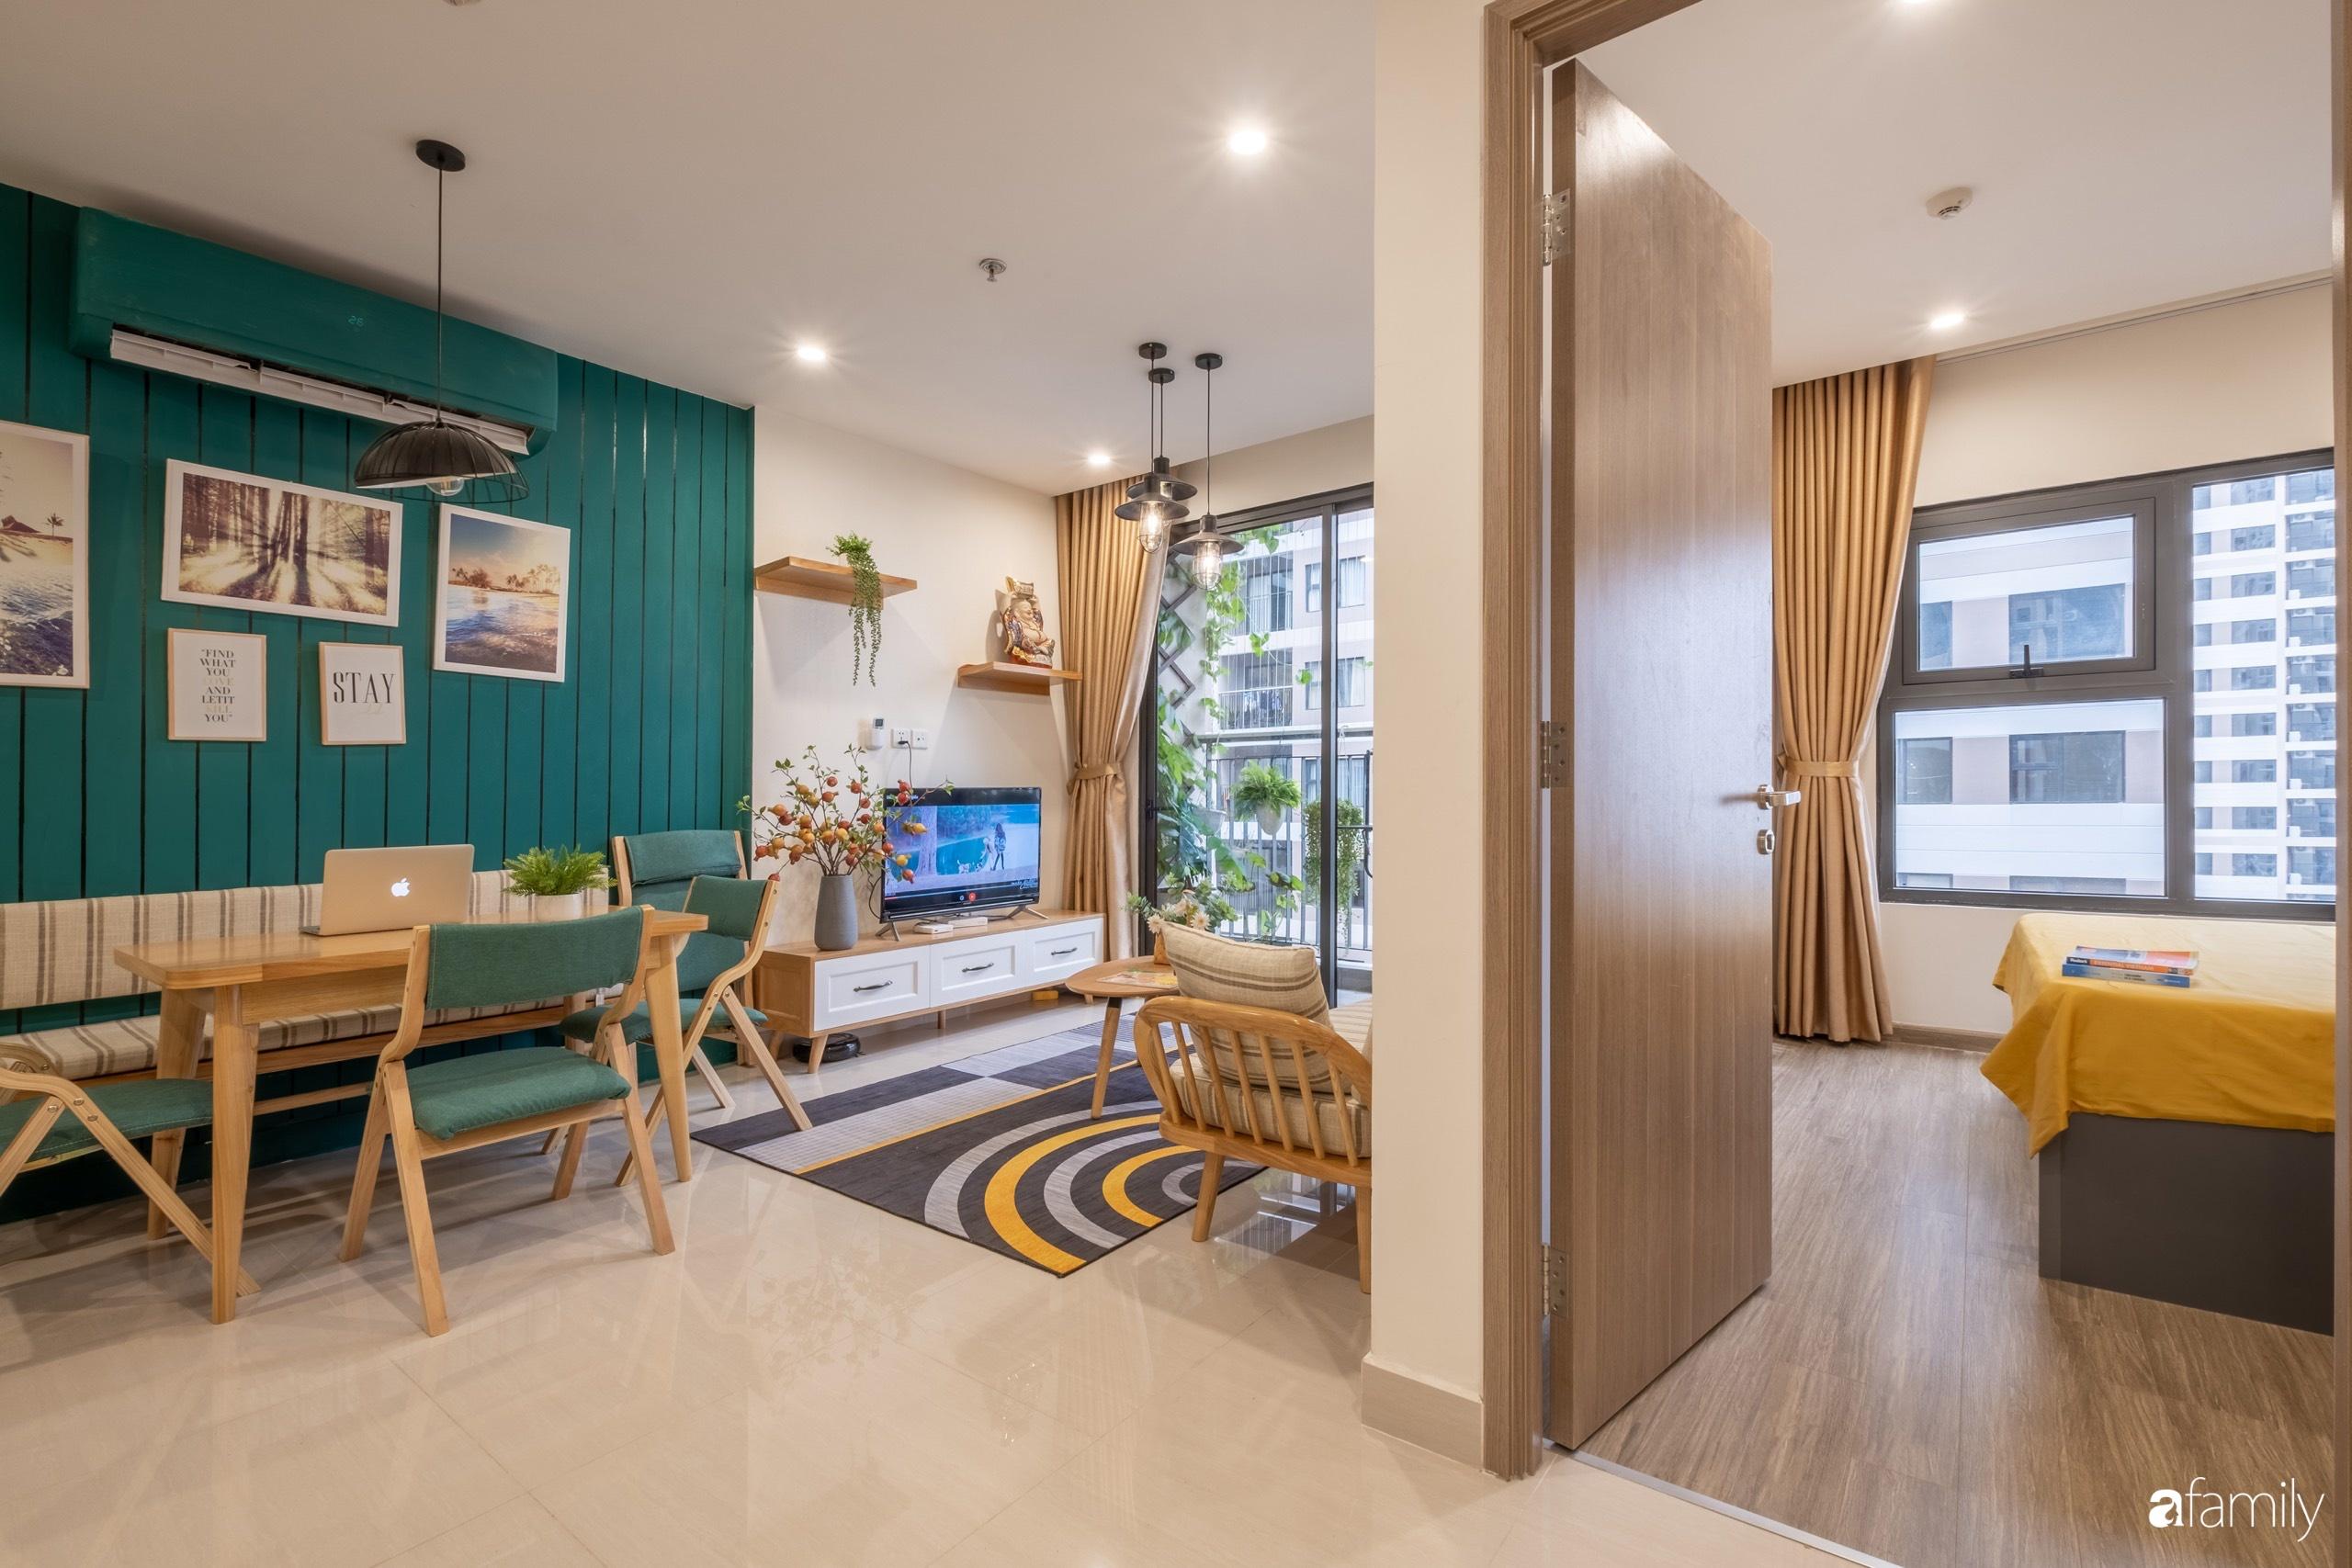 Căn hộ 54m² đẹp cuốn hút với tông màu xanh gần gũi với thiên nhiên có chi phí hoàn thiện nội thất 150 triệu đồng ở Hà Nội - Ảnh 7.